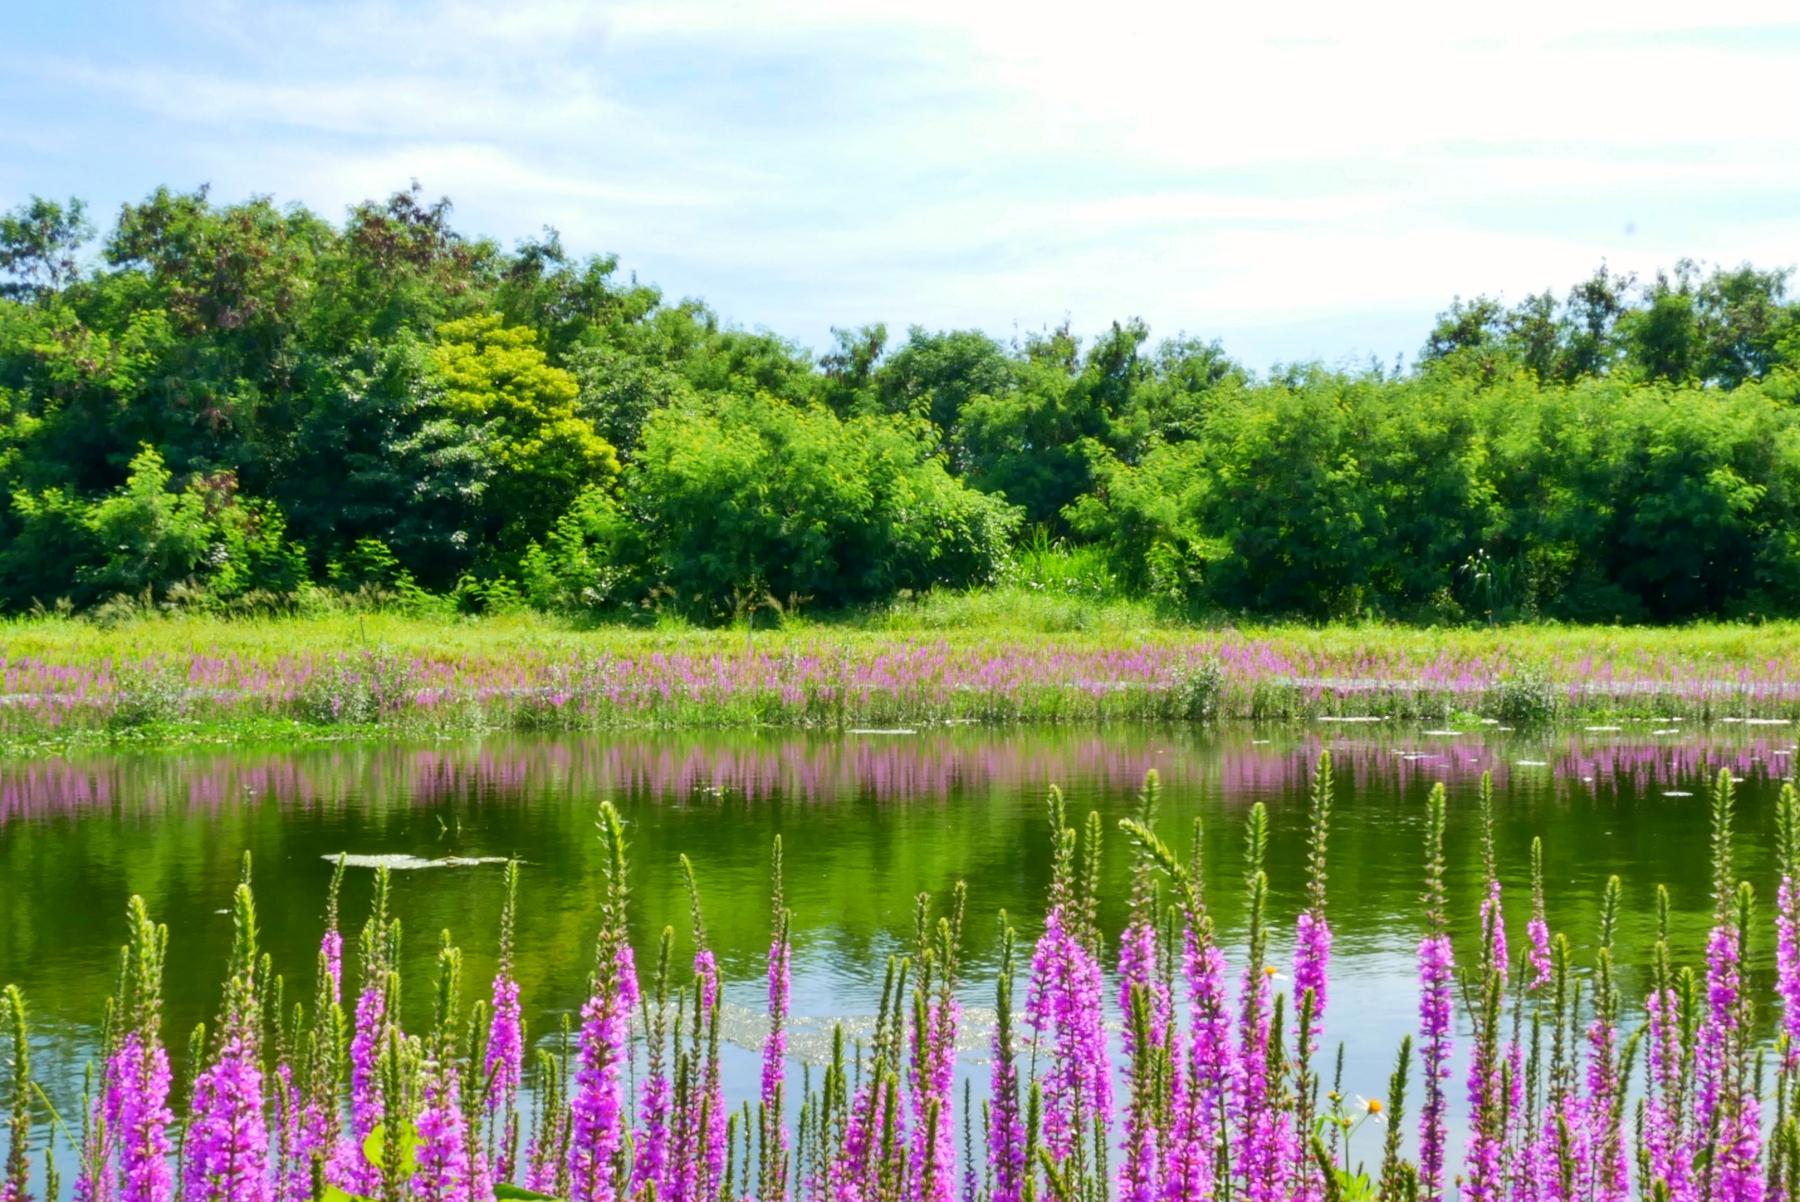 蒜頭生態公園:超美紫色千屈菜花海,IG最新熱門打卡景點 @飛天璇的口袋